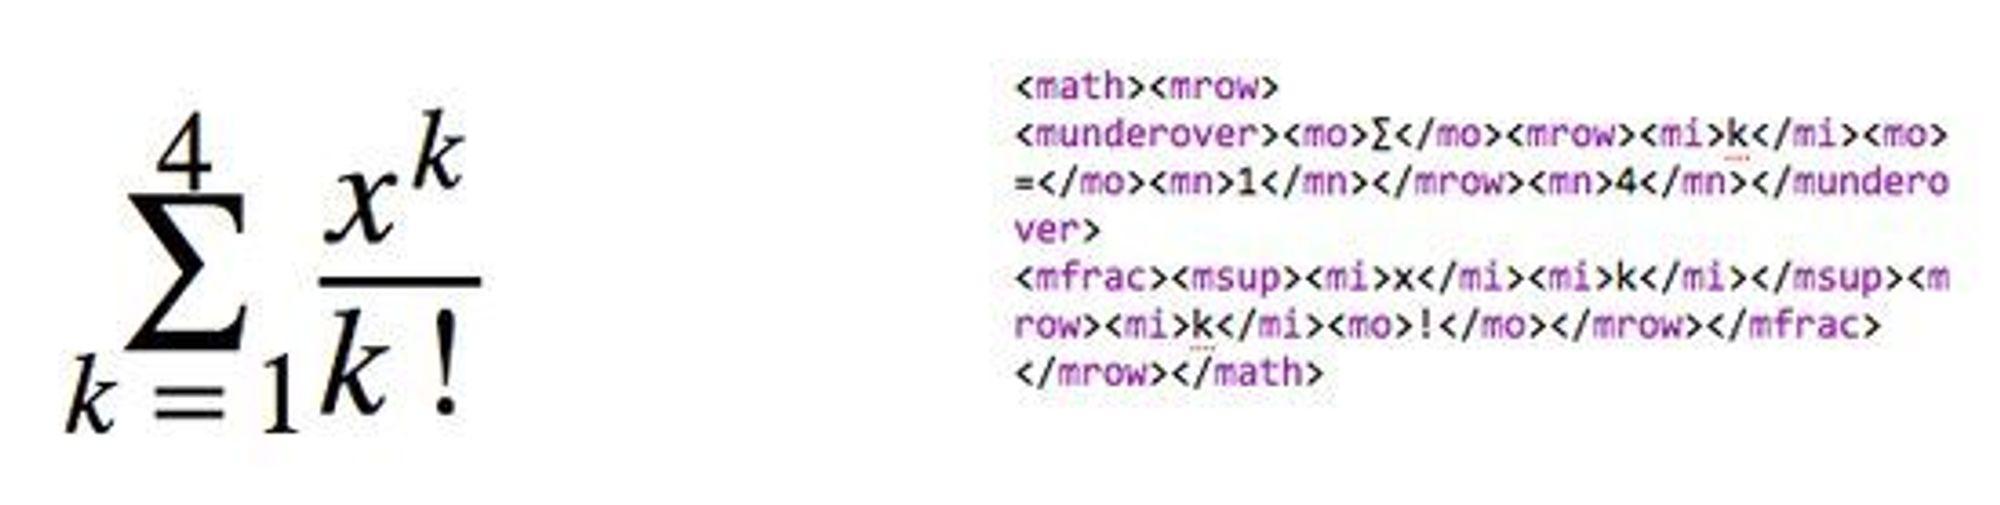 MathML er et XML-basert språk for å beskrive matematiske uttrykk. MathML kan integreres direkte i HTML-koden til websider og blir da gjengitt på websiden av nettlesere med støtte for språket.